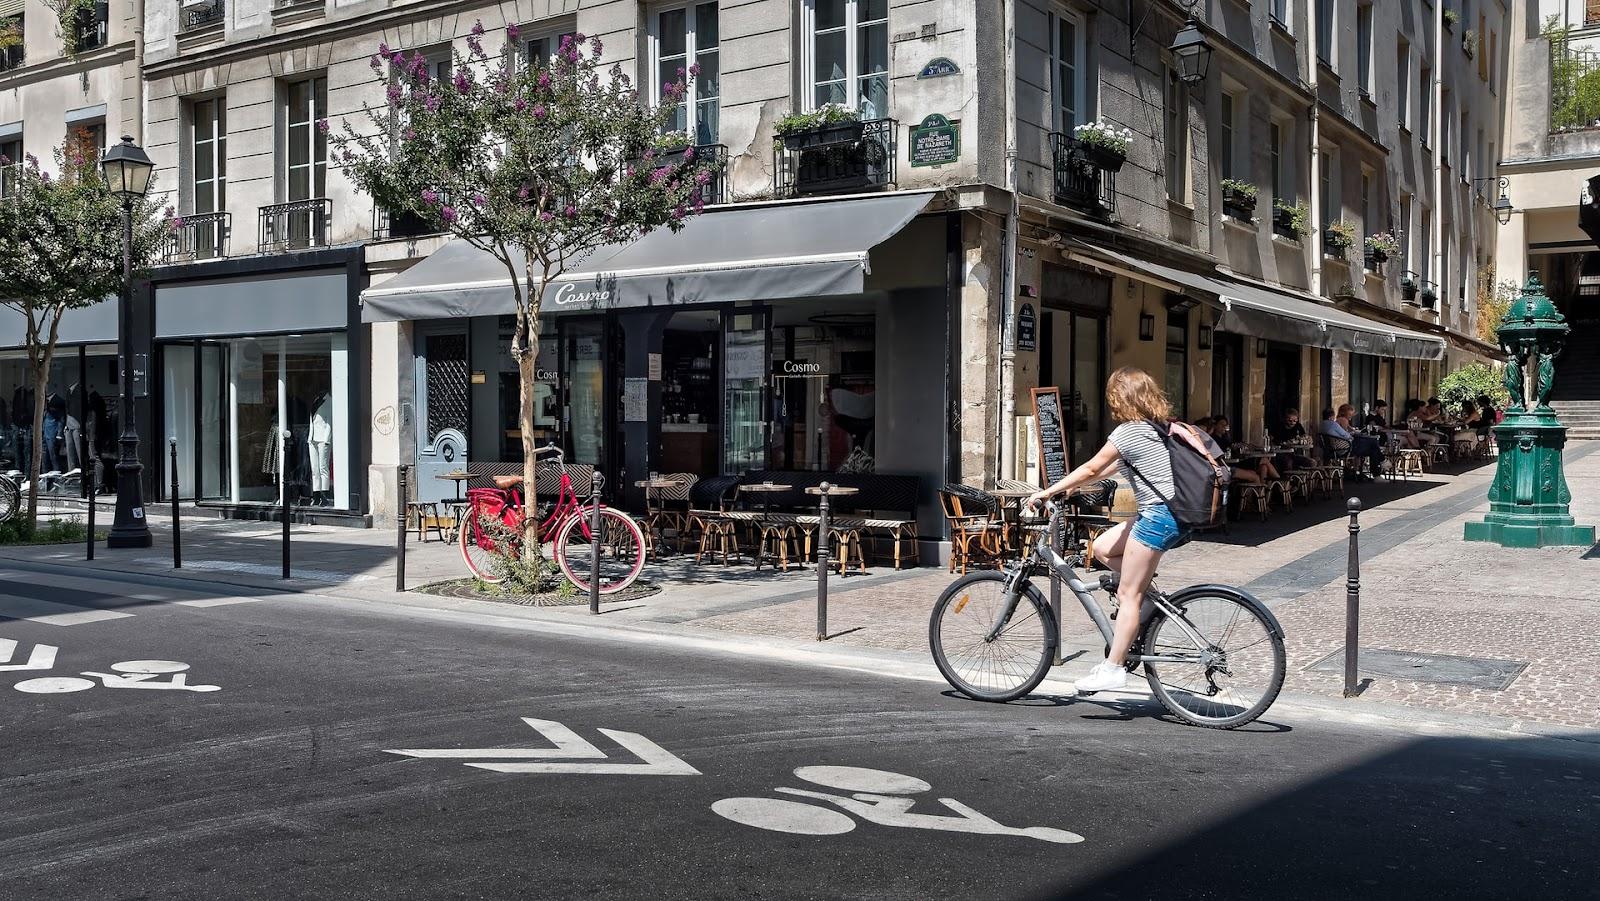 O Dia Mundial sem Carro começou na França, em 1997, e se espalhou durante os anos 2000. (Fonte: Unsplash)